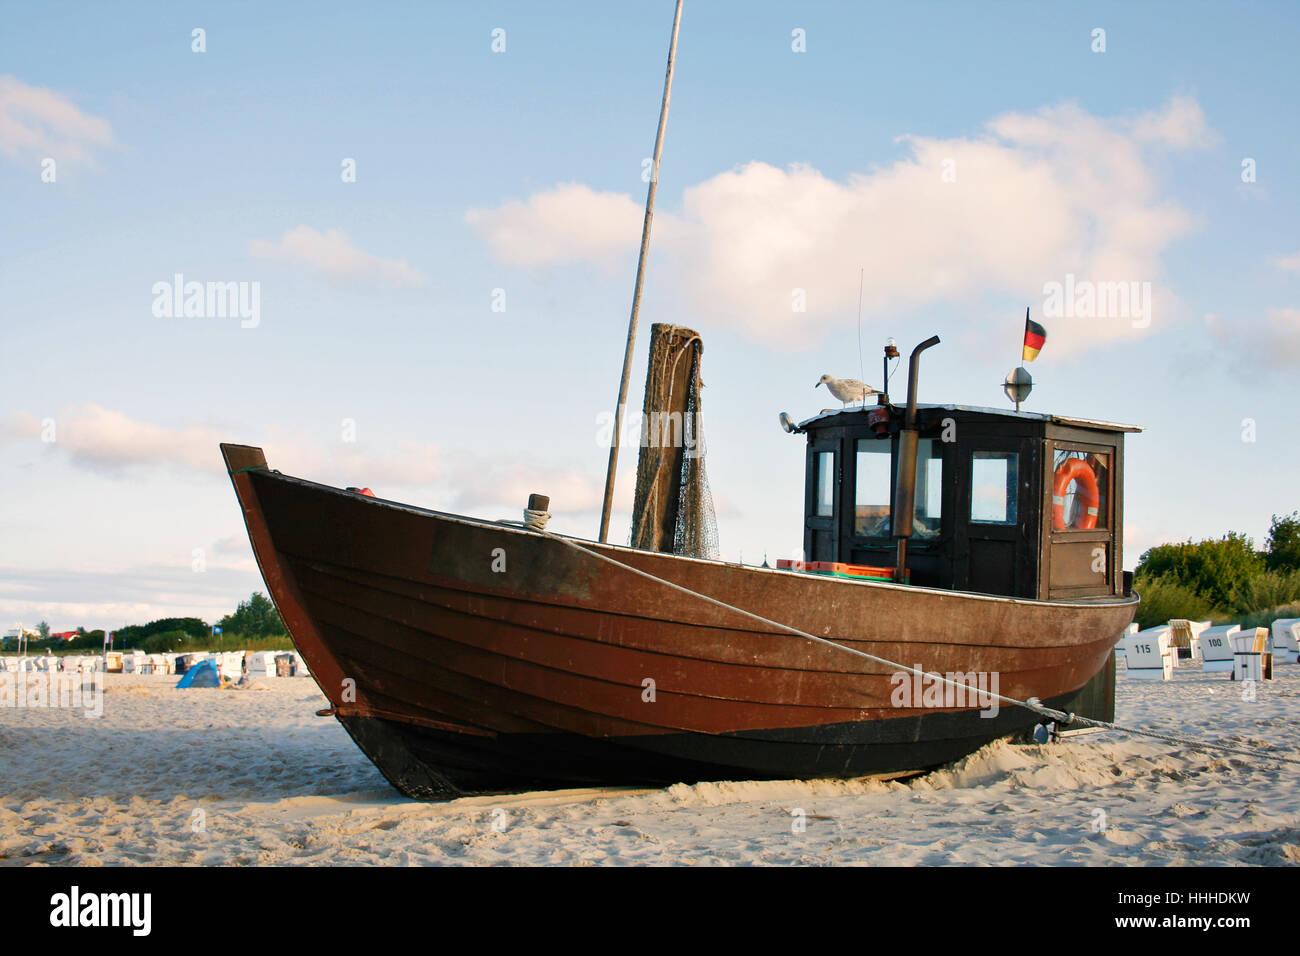 Plage, mer, la plage, mer, eau, la mer Baltique, l'eau salée, mer, océan, Banque D'Images